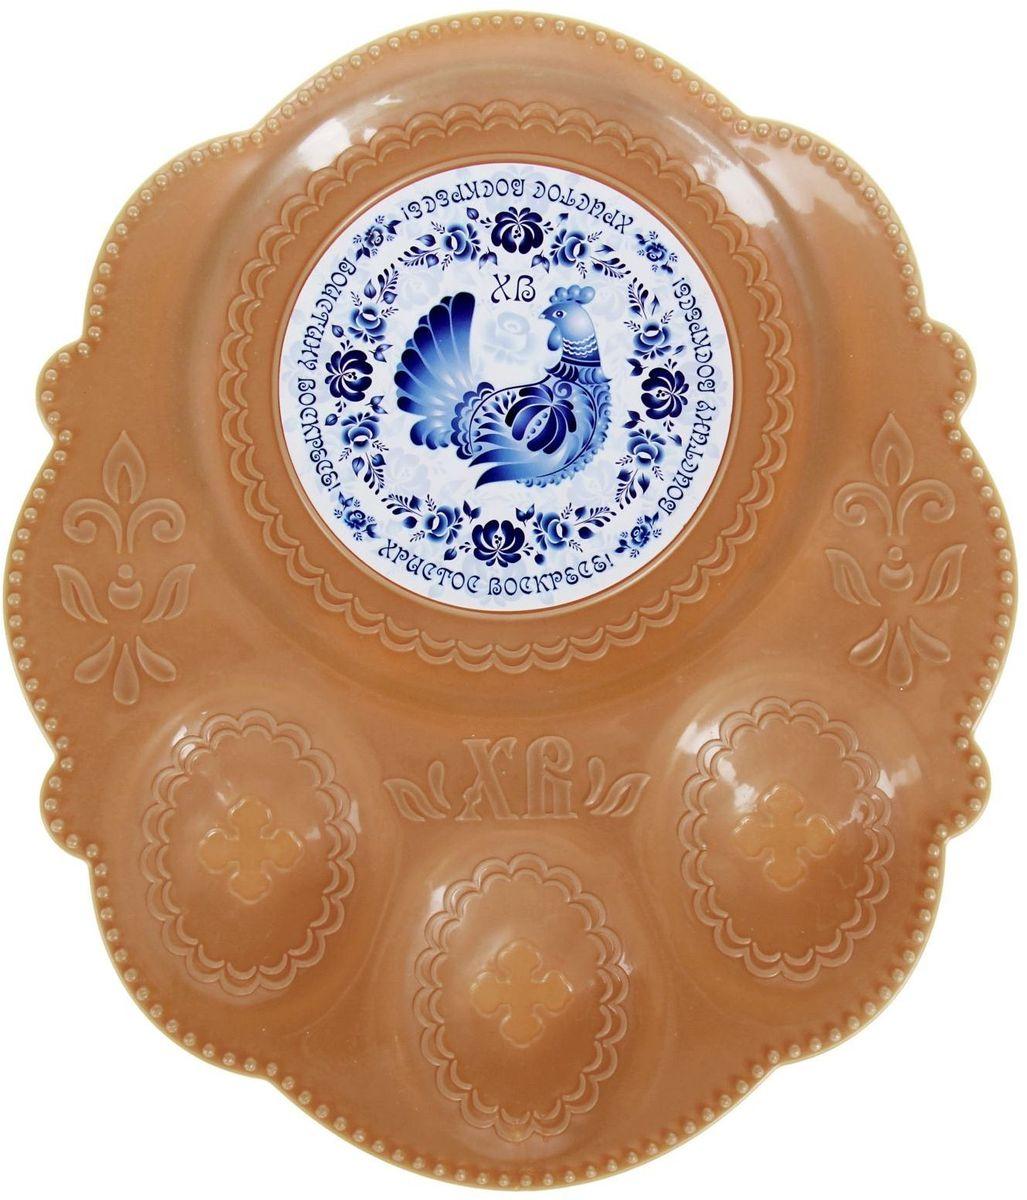 Подставка пасхальная Гжель, на 3 яйца и кулич, 21 х 18 см. 1002600VT-1520(SR)Пасхальная подставка для 3 яйц и кулича изготовлена из качественного пластика, в центре имеется яркая вставка. Аксессуар станет достойным украшением праздничного стола, создаст радостное настроение и наполнит пространство вашего дома благостной энергией на весь год вперёд.Подставка будет ценным памятным подарком для родных, друзей и коллег.Радости, добра и света вам и вашим близким!